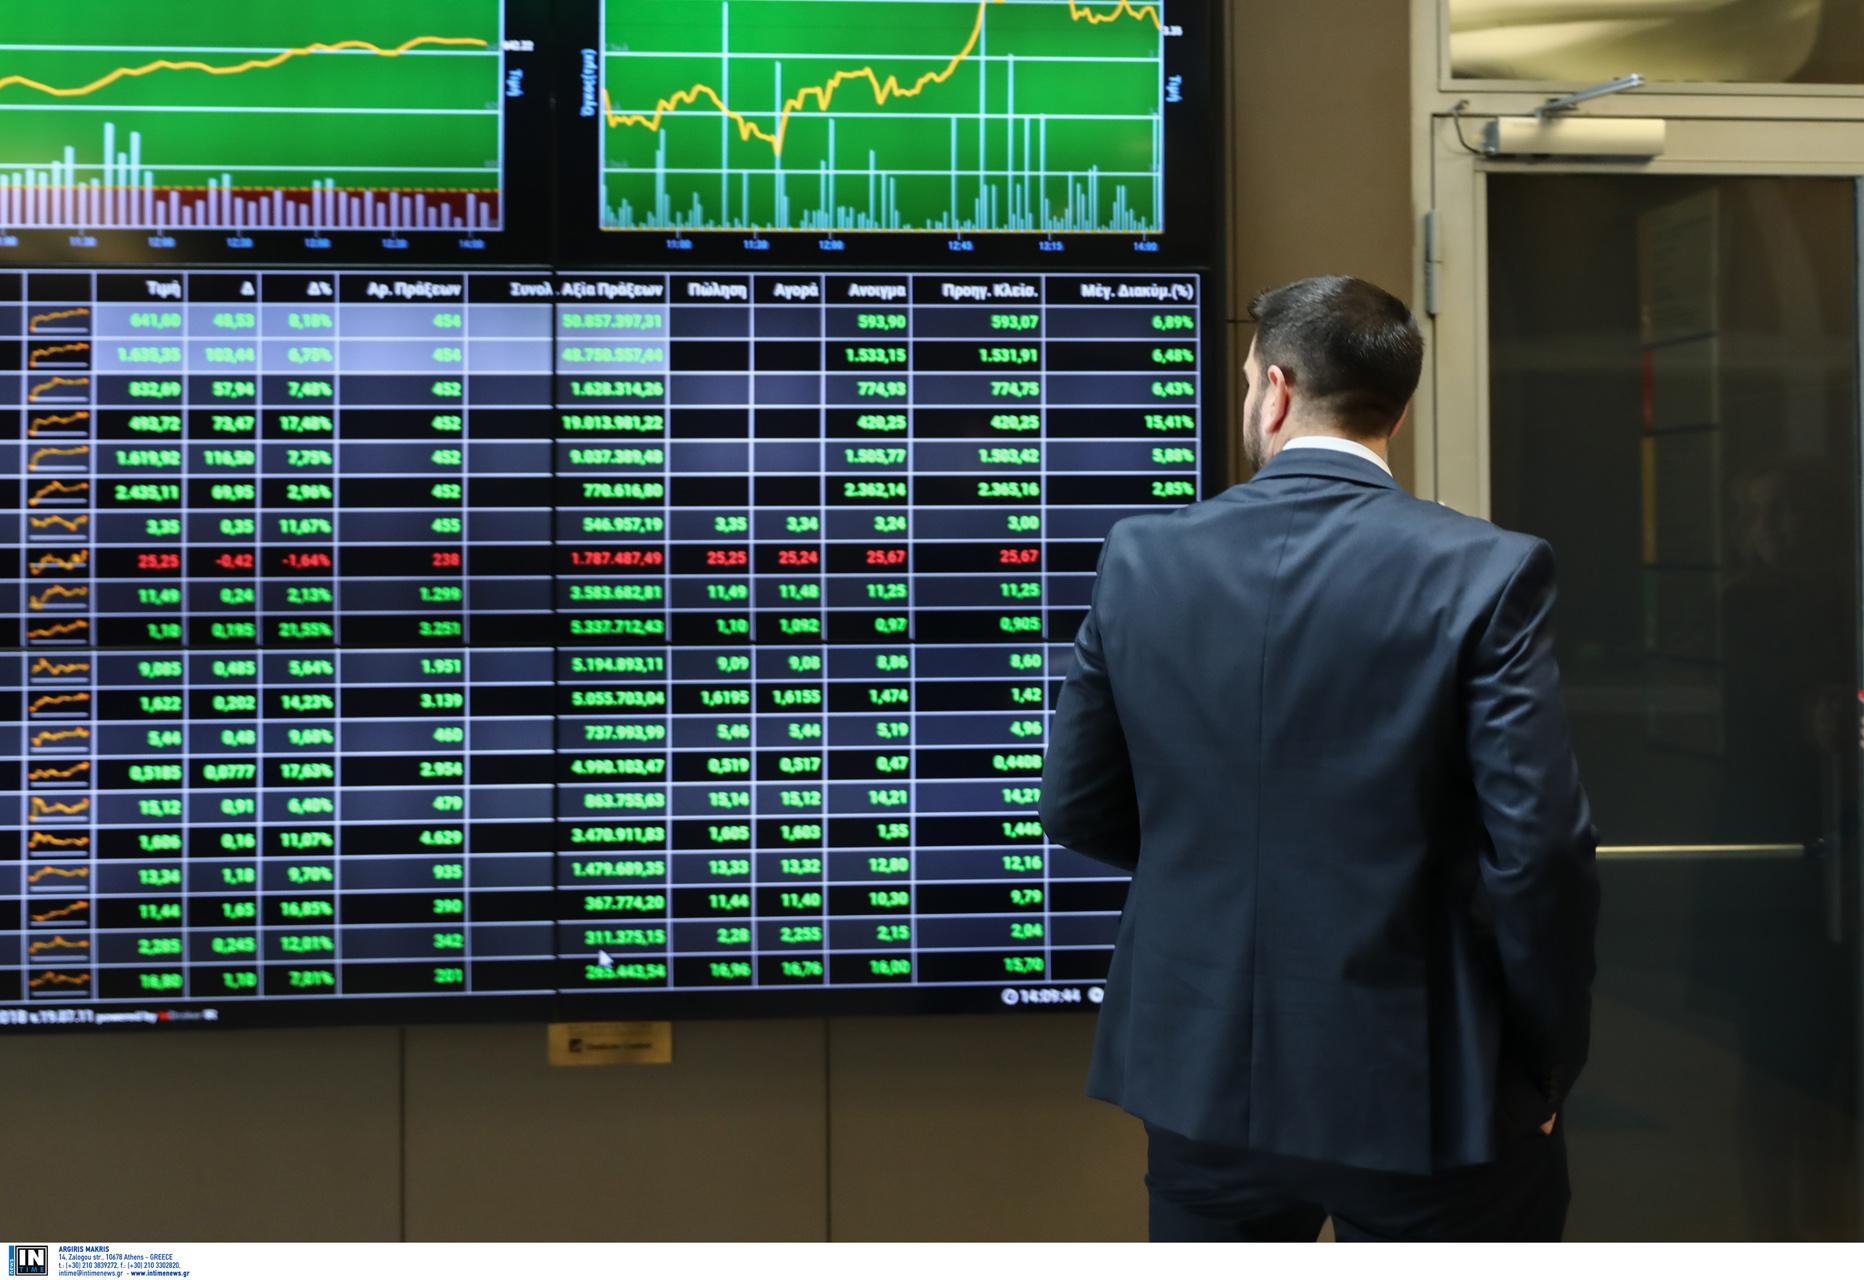 Χρηματιστήριο Αθηνών: Πόσο αυξήθηκαν οι συναλλαγές των ξένων επενδυτών τον Ιανουάριο